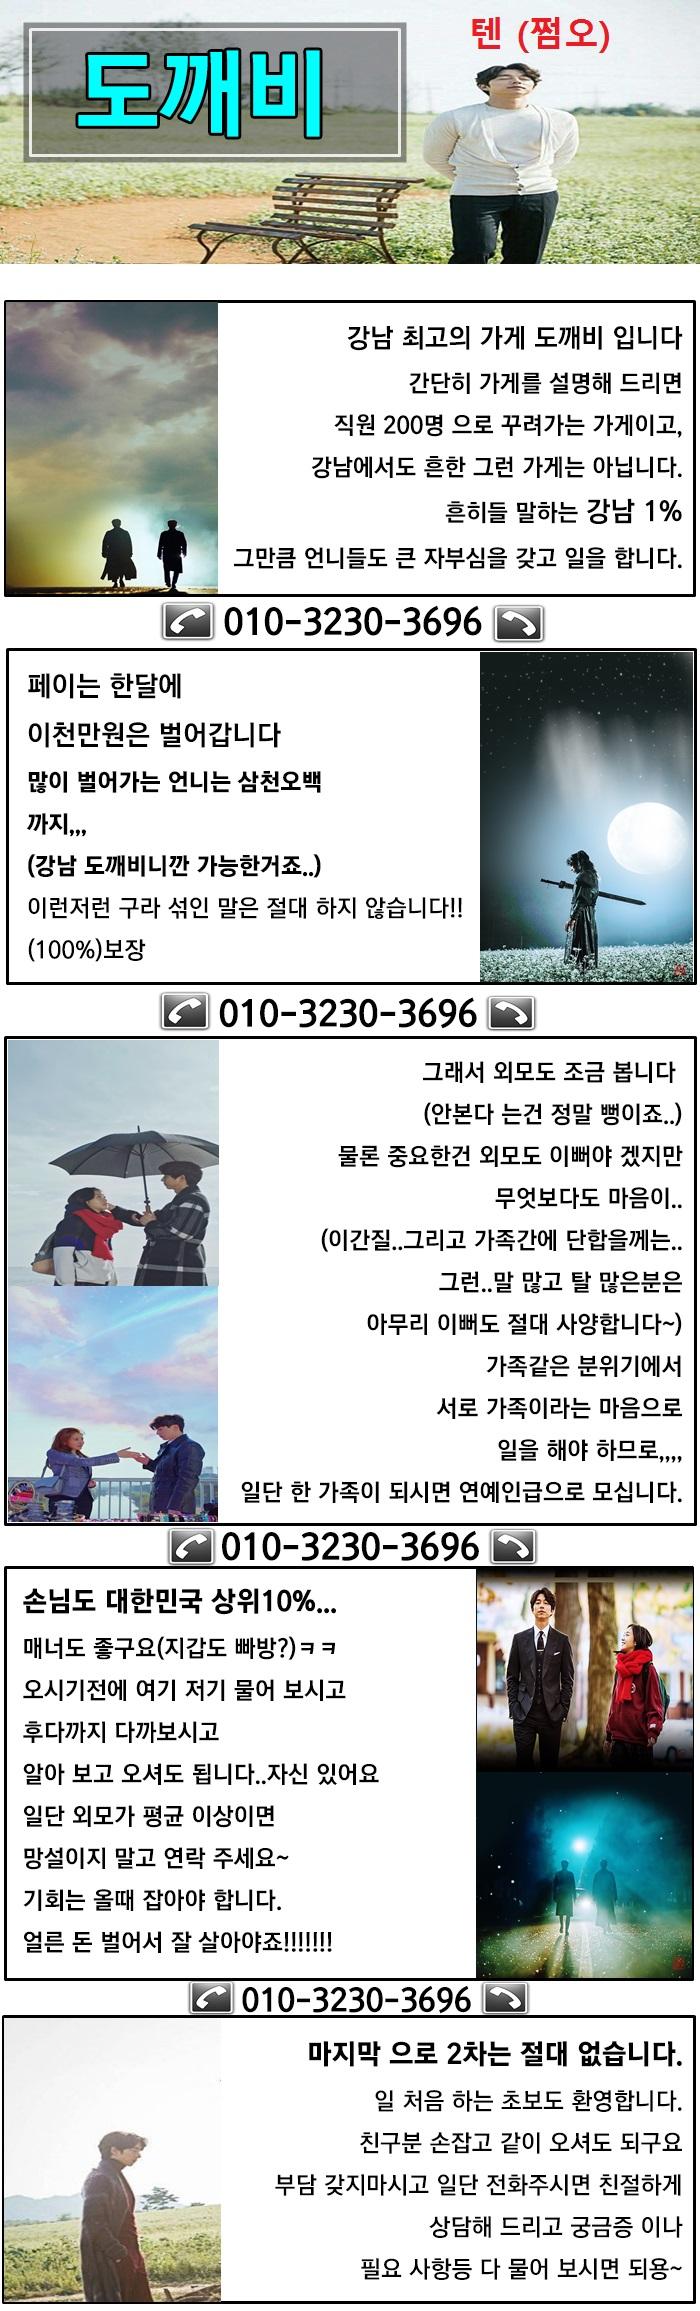 나나알바 서울강남 도깨비텐프로